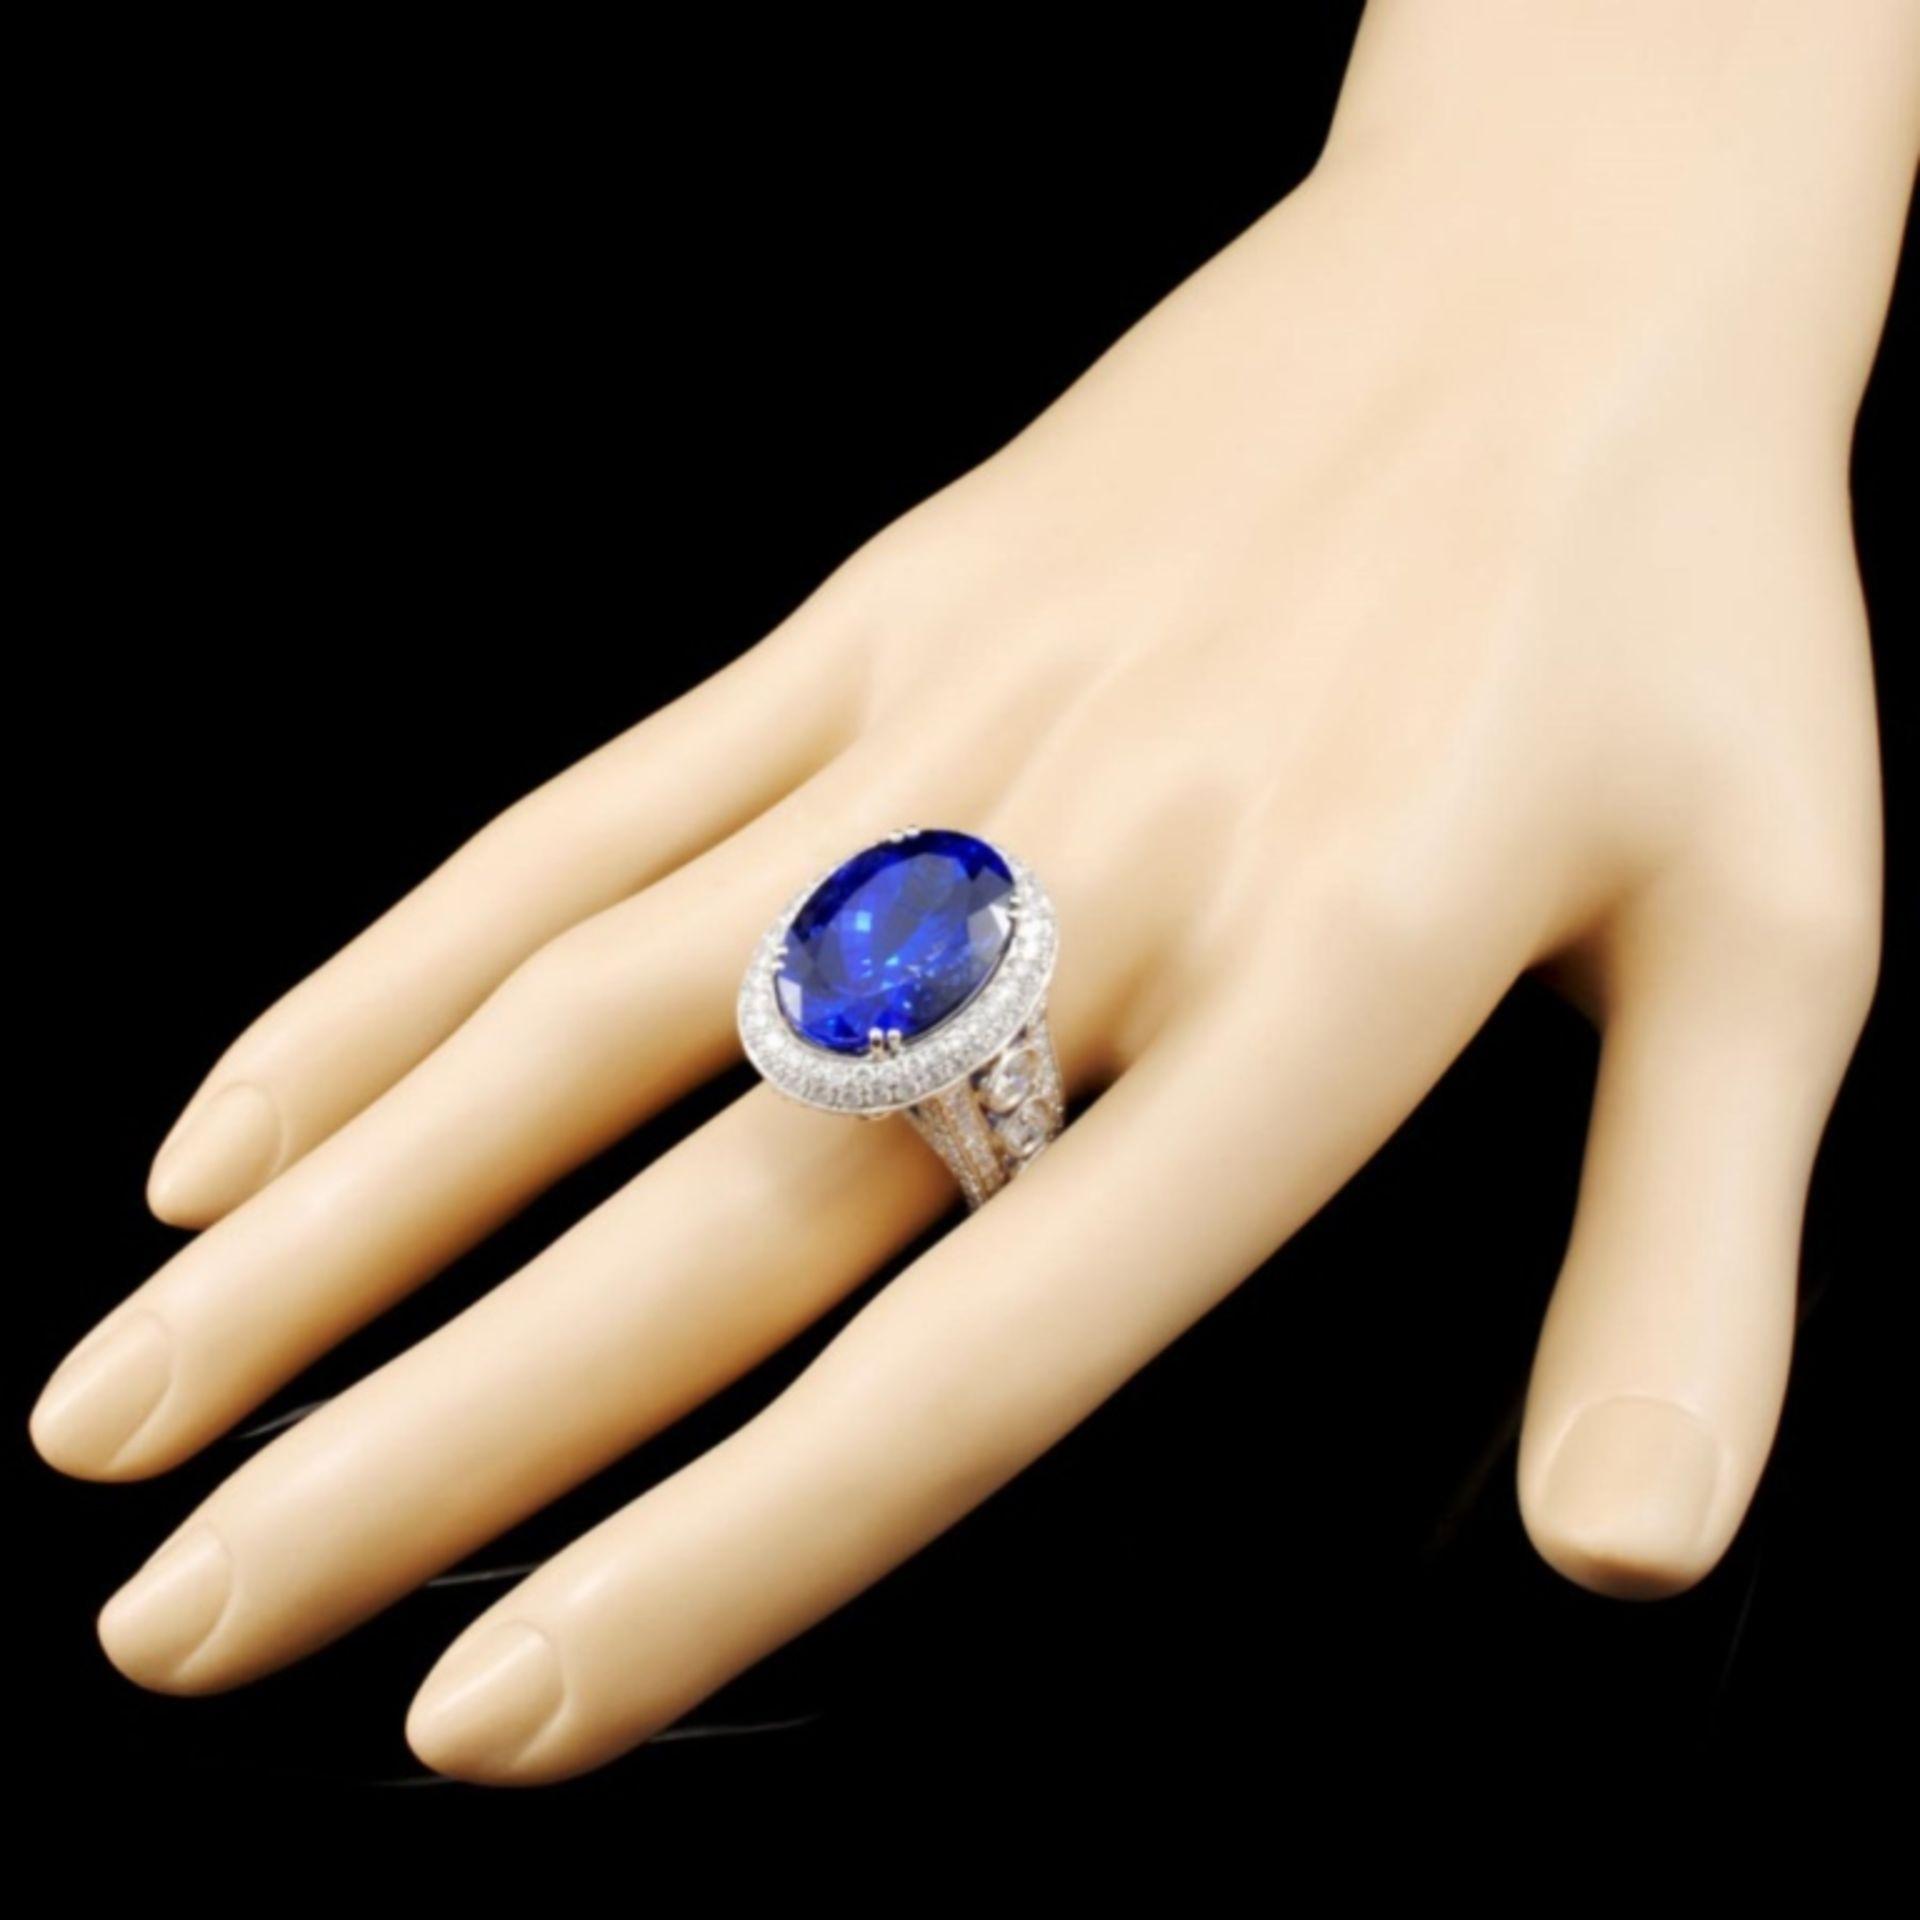 18K Gold 17.41ct Tanzanite & 3.68ctw Diamond Ring - Image 3 of 5